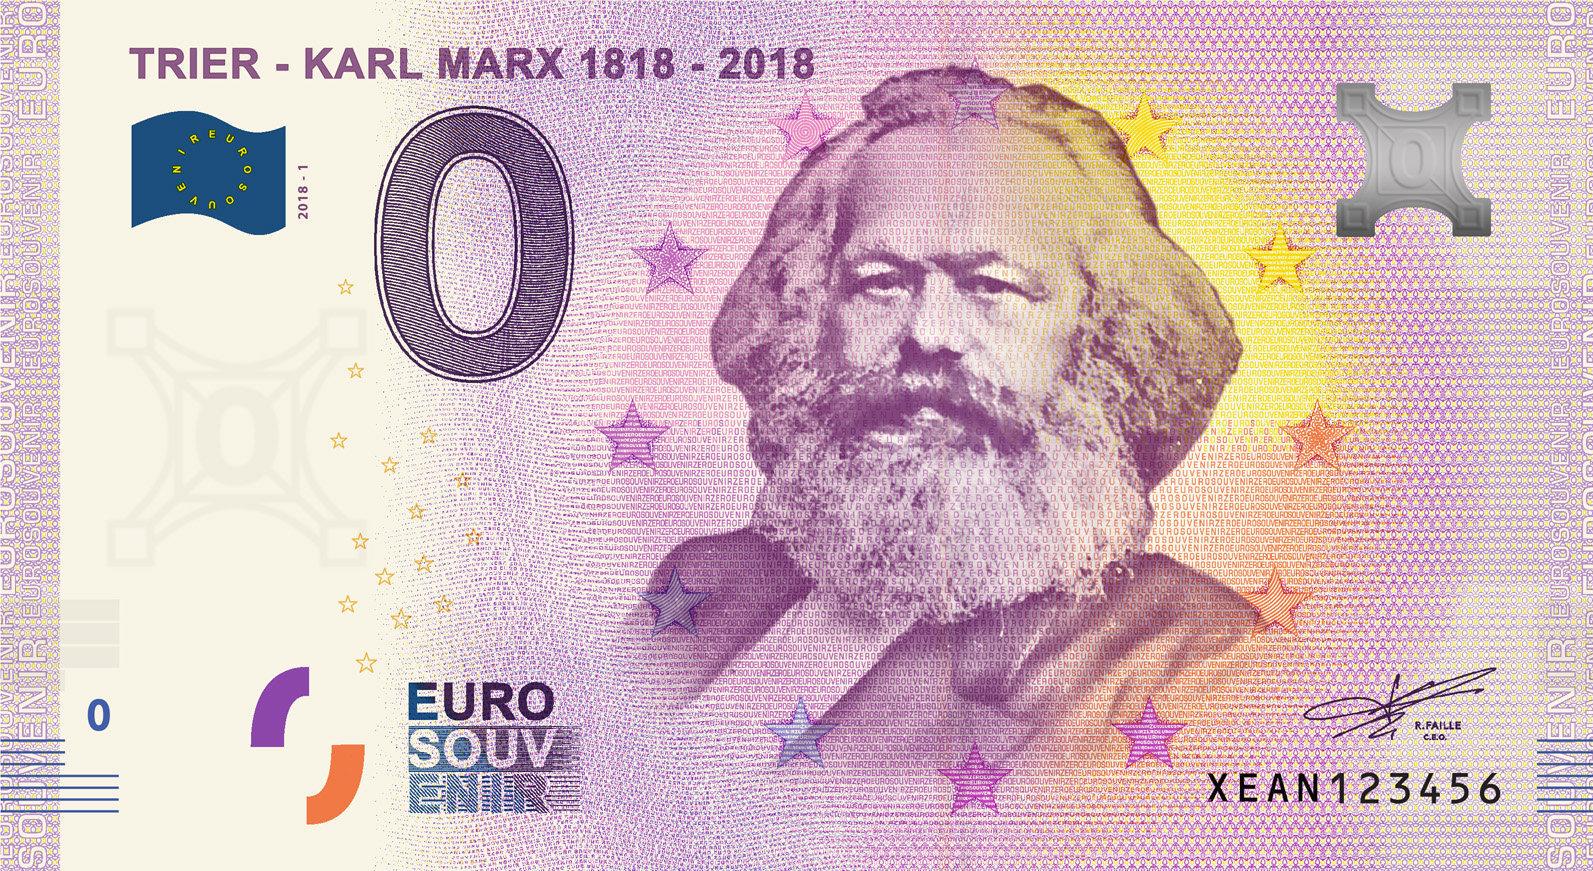 Billets souvenirs à 0 euro